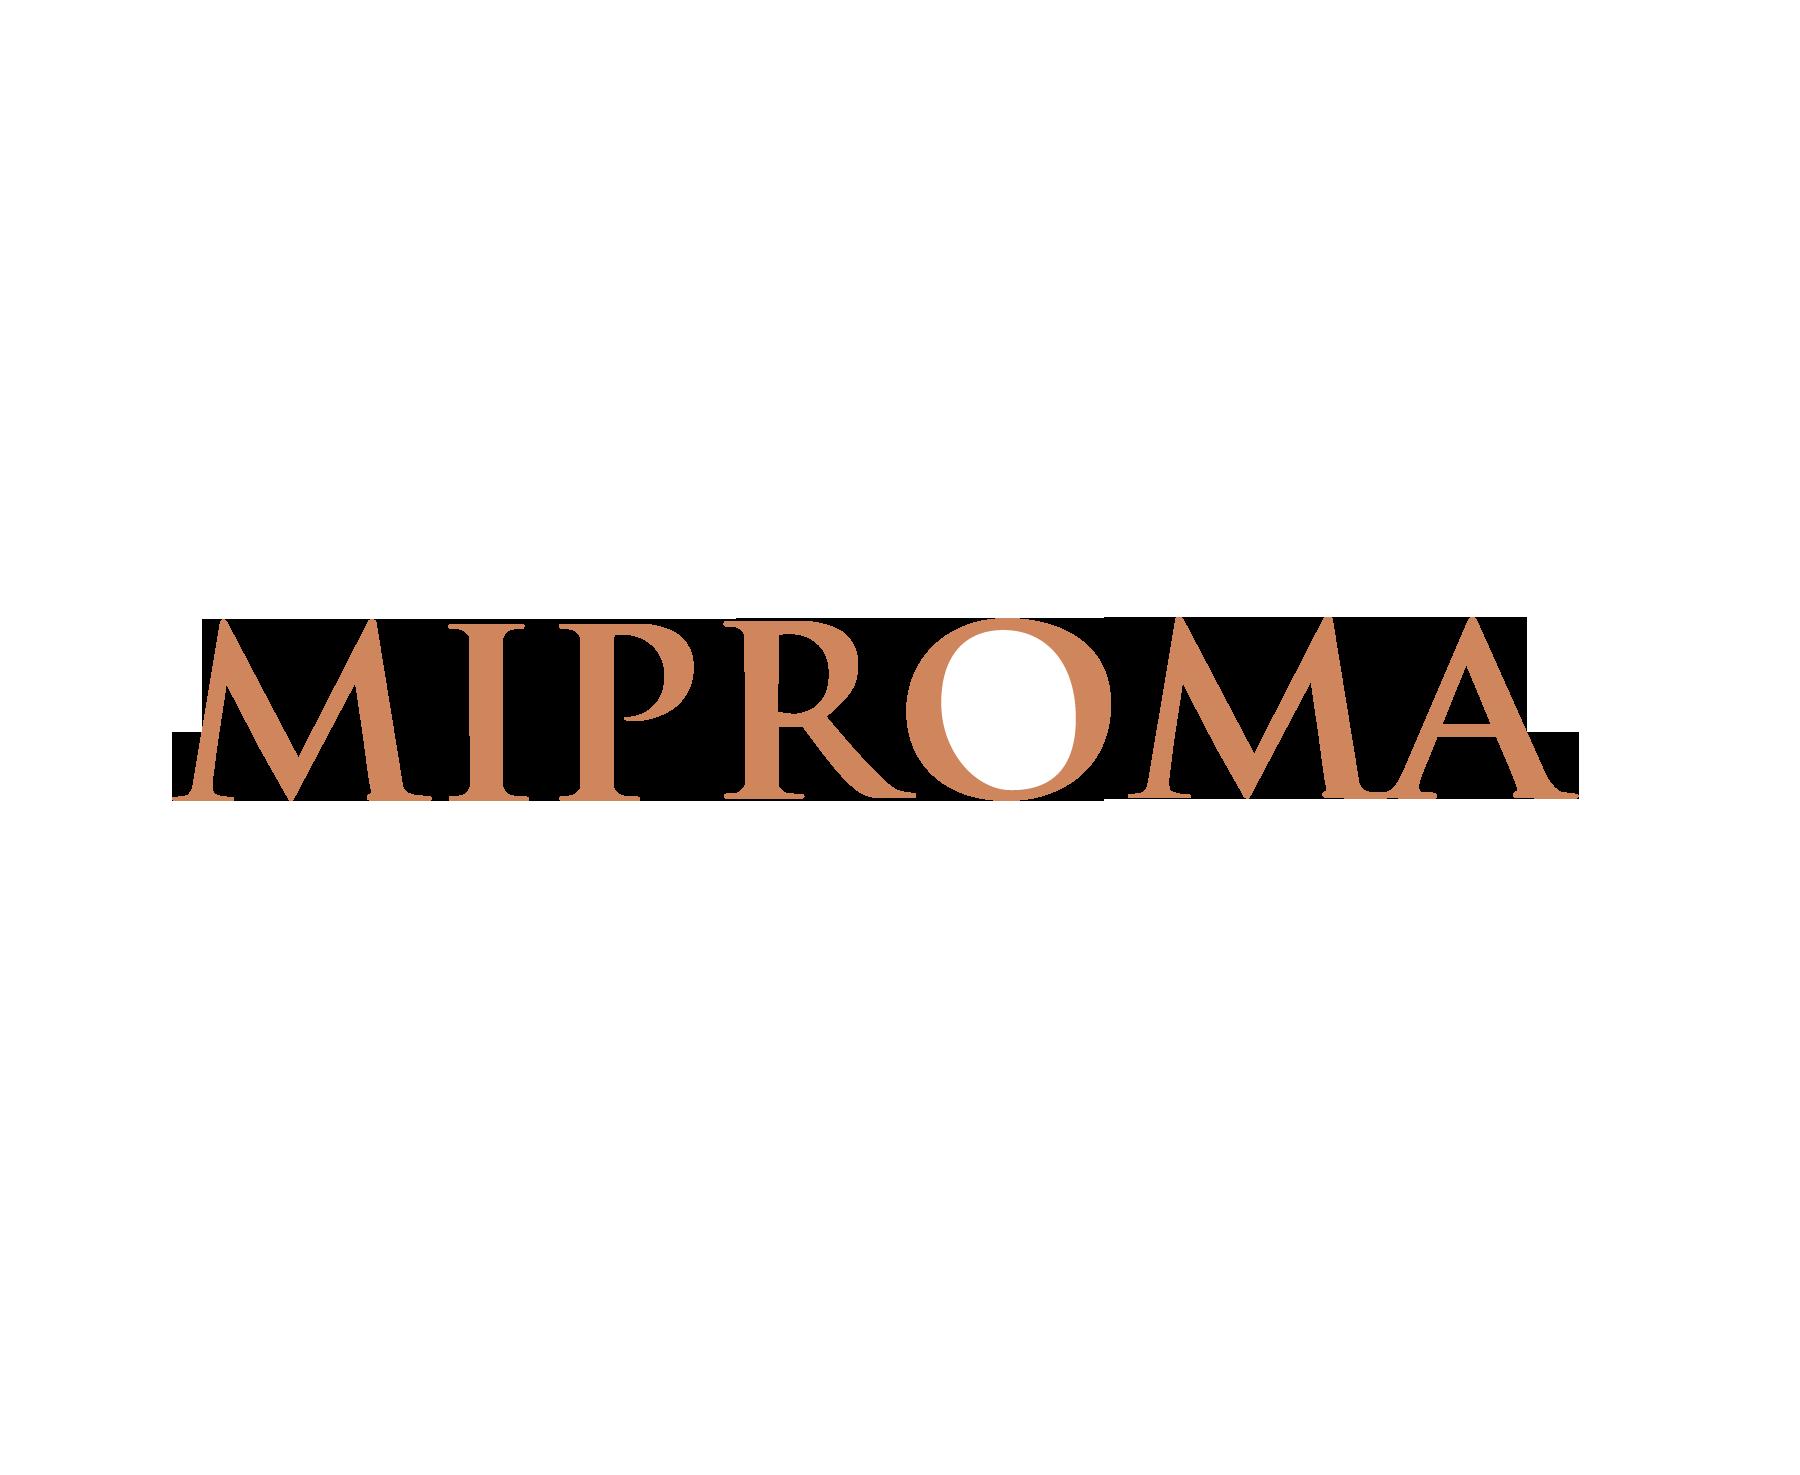 Miproma